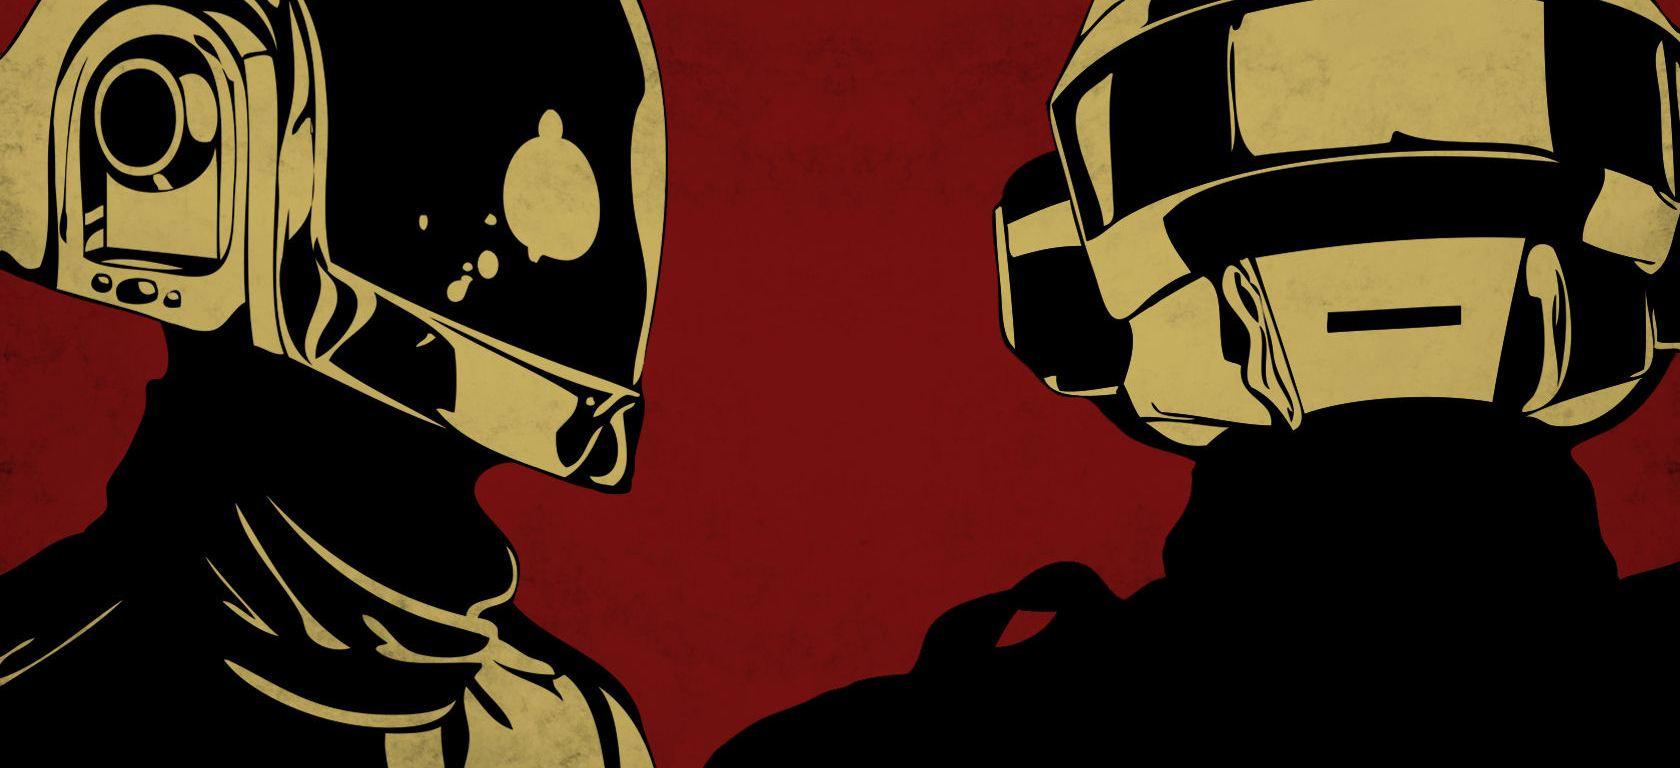 Daft Punk Red